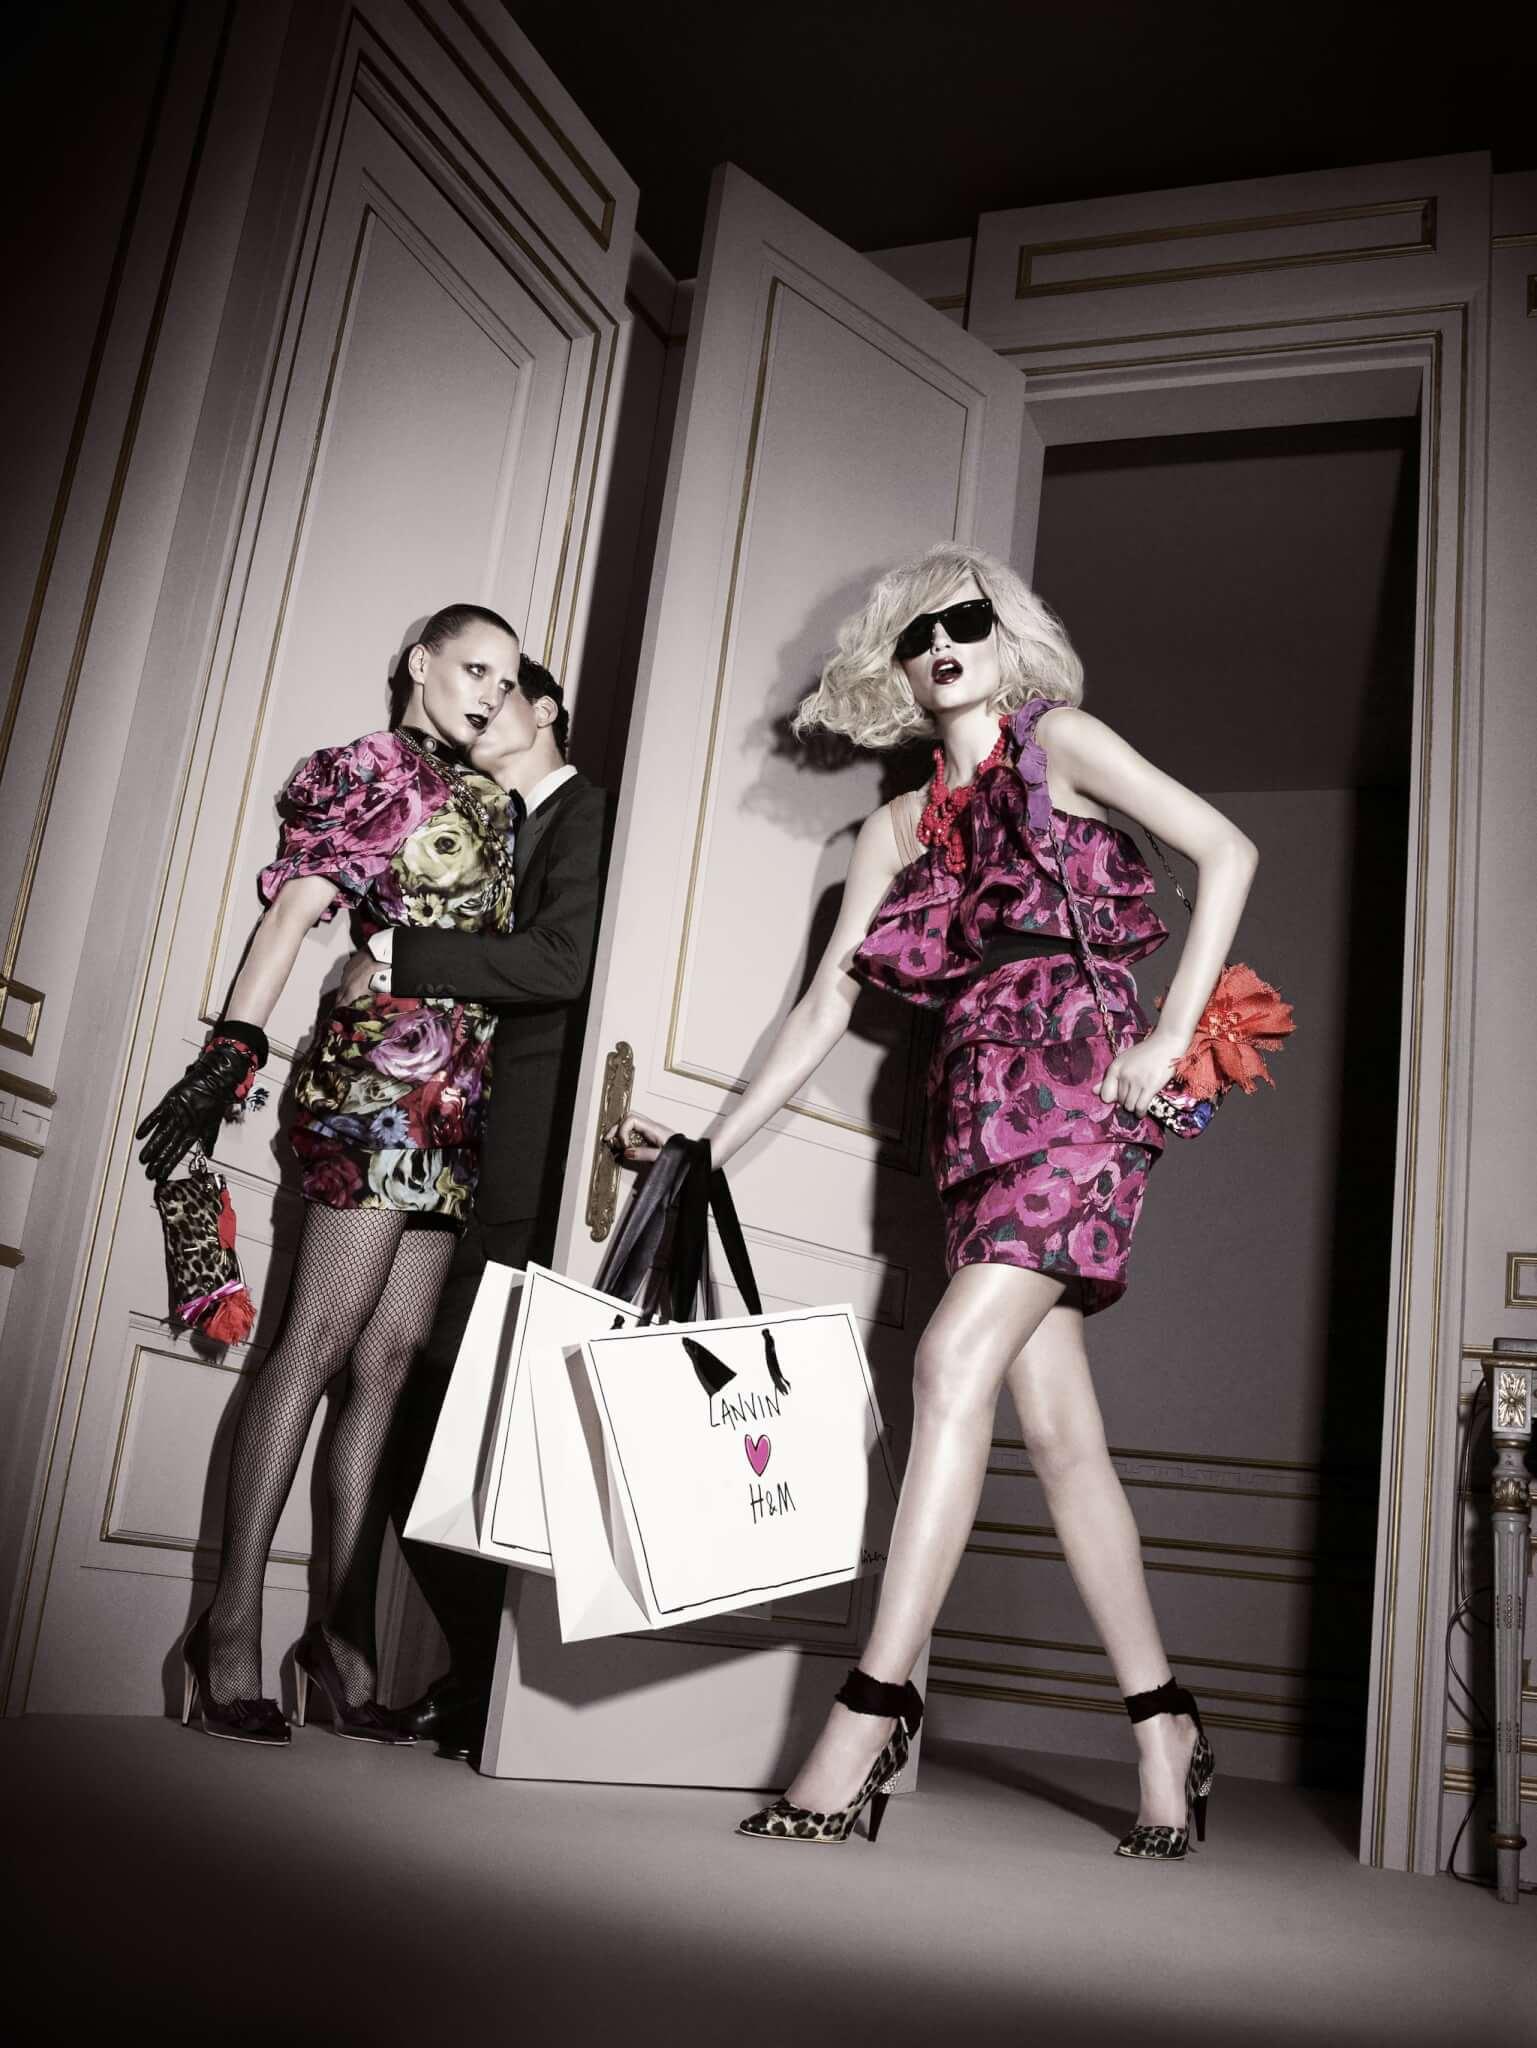 2011 Lanvin X H&M